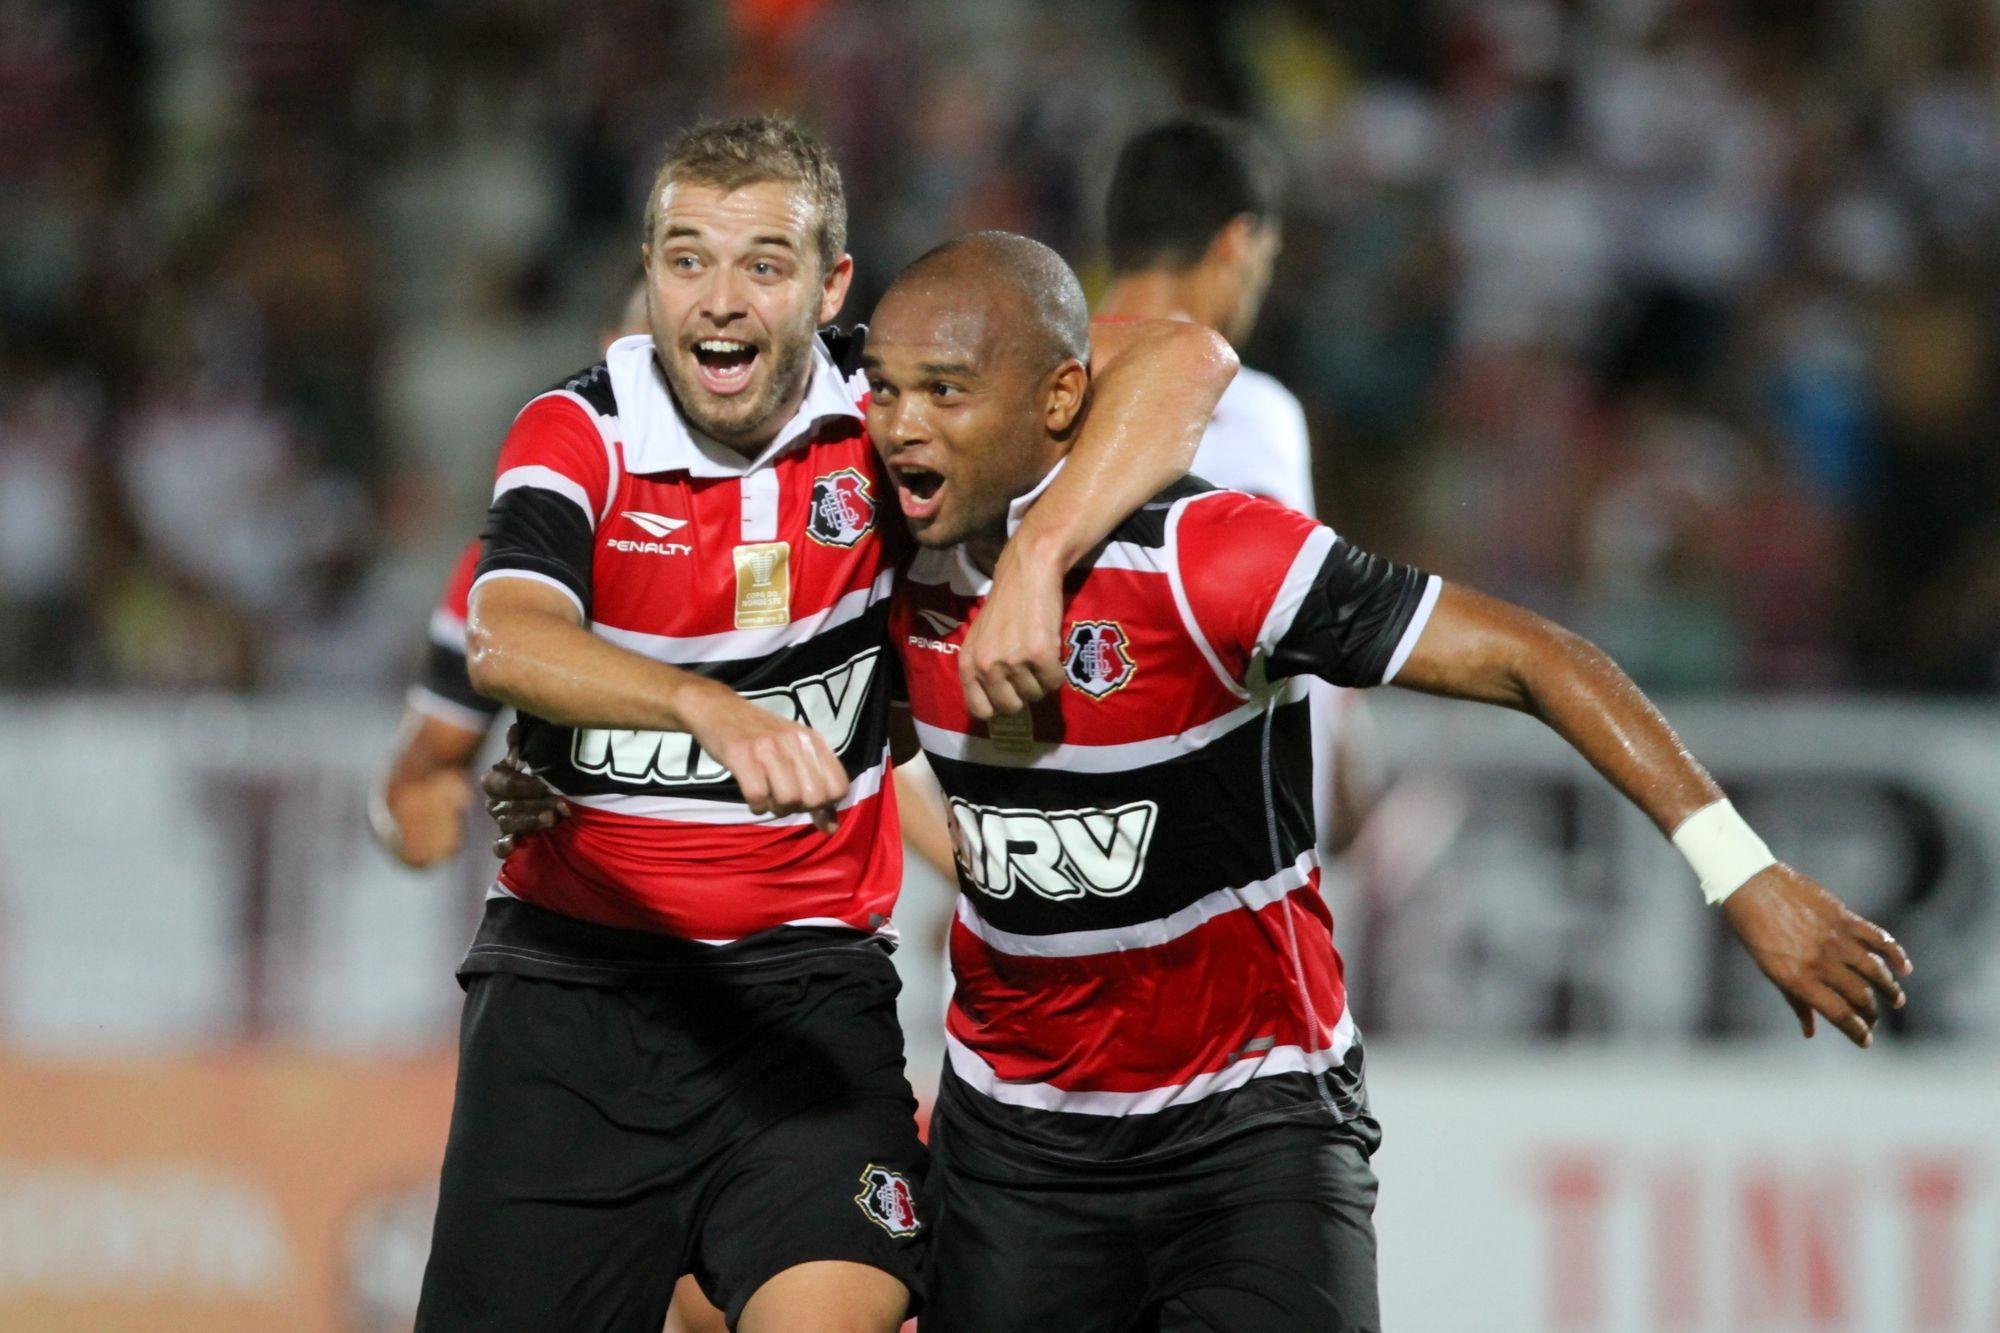 Nautico Faz 9 A 0 Mas Santa Vence E Avanca As Quartas Veja Classificados Clube Nautico Nautico Globo Esporte